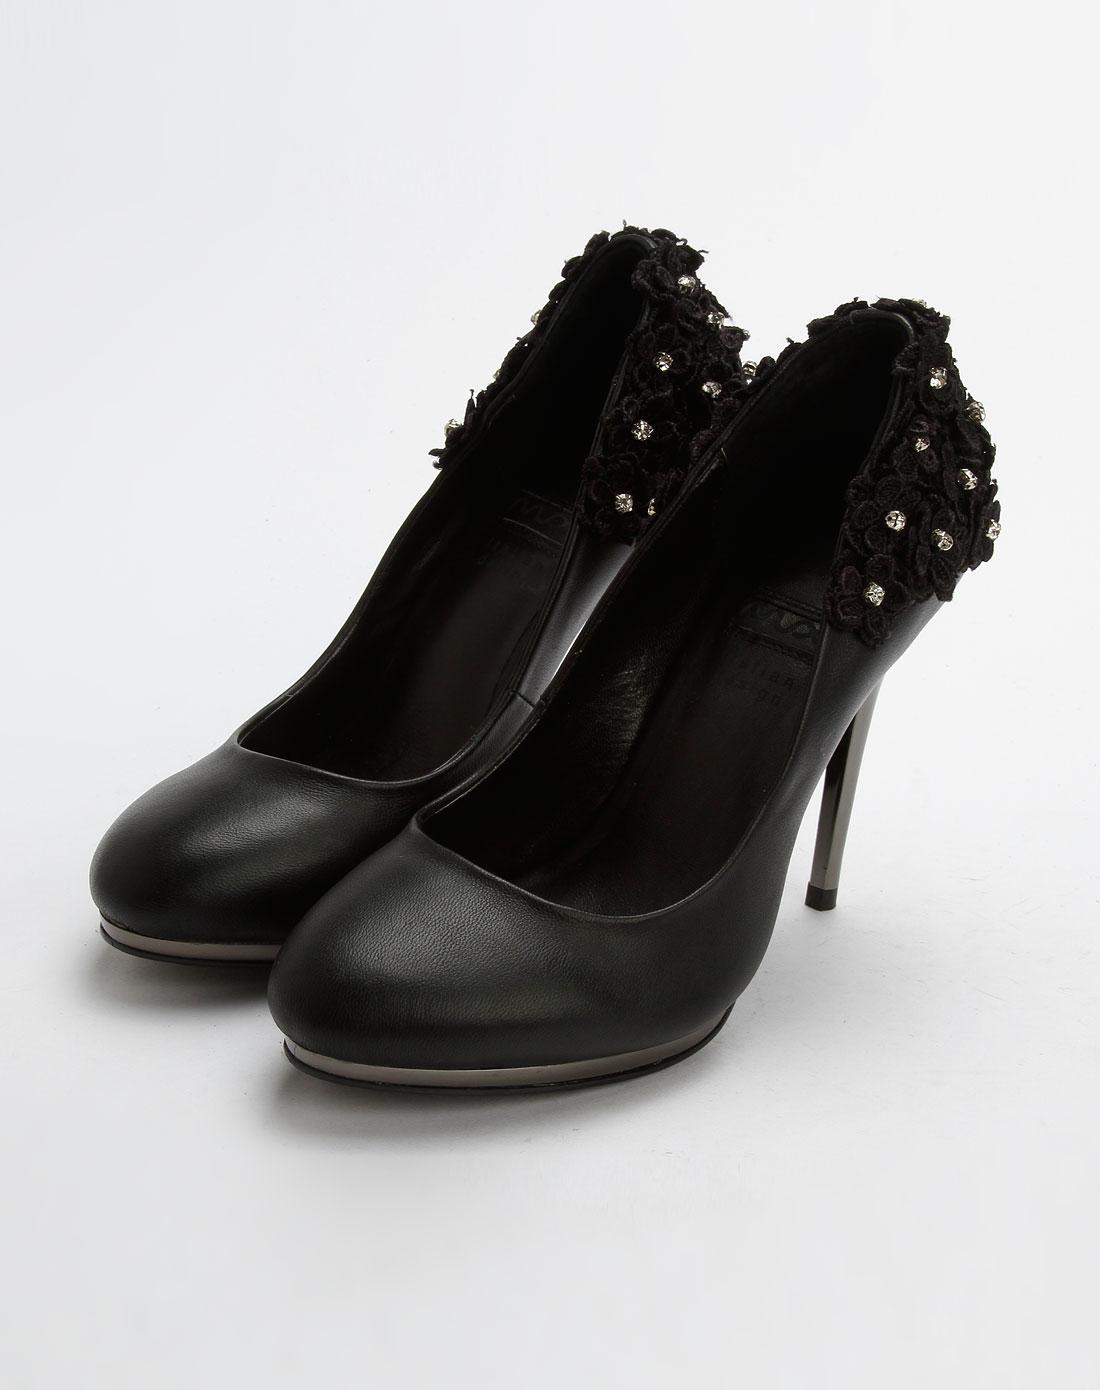 迈思mux女鞋专场女款黑色时尚超高跟鞋